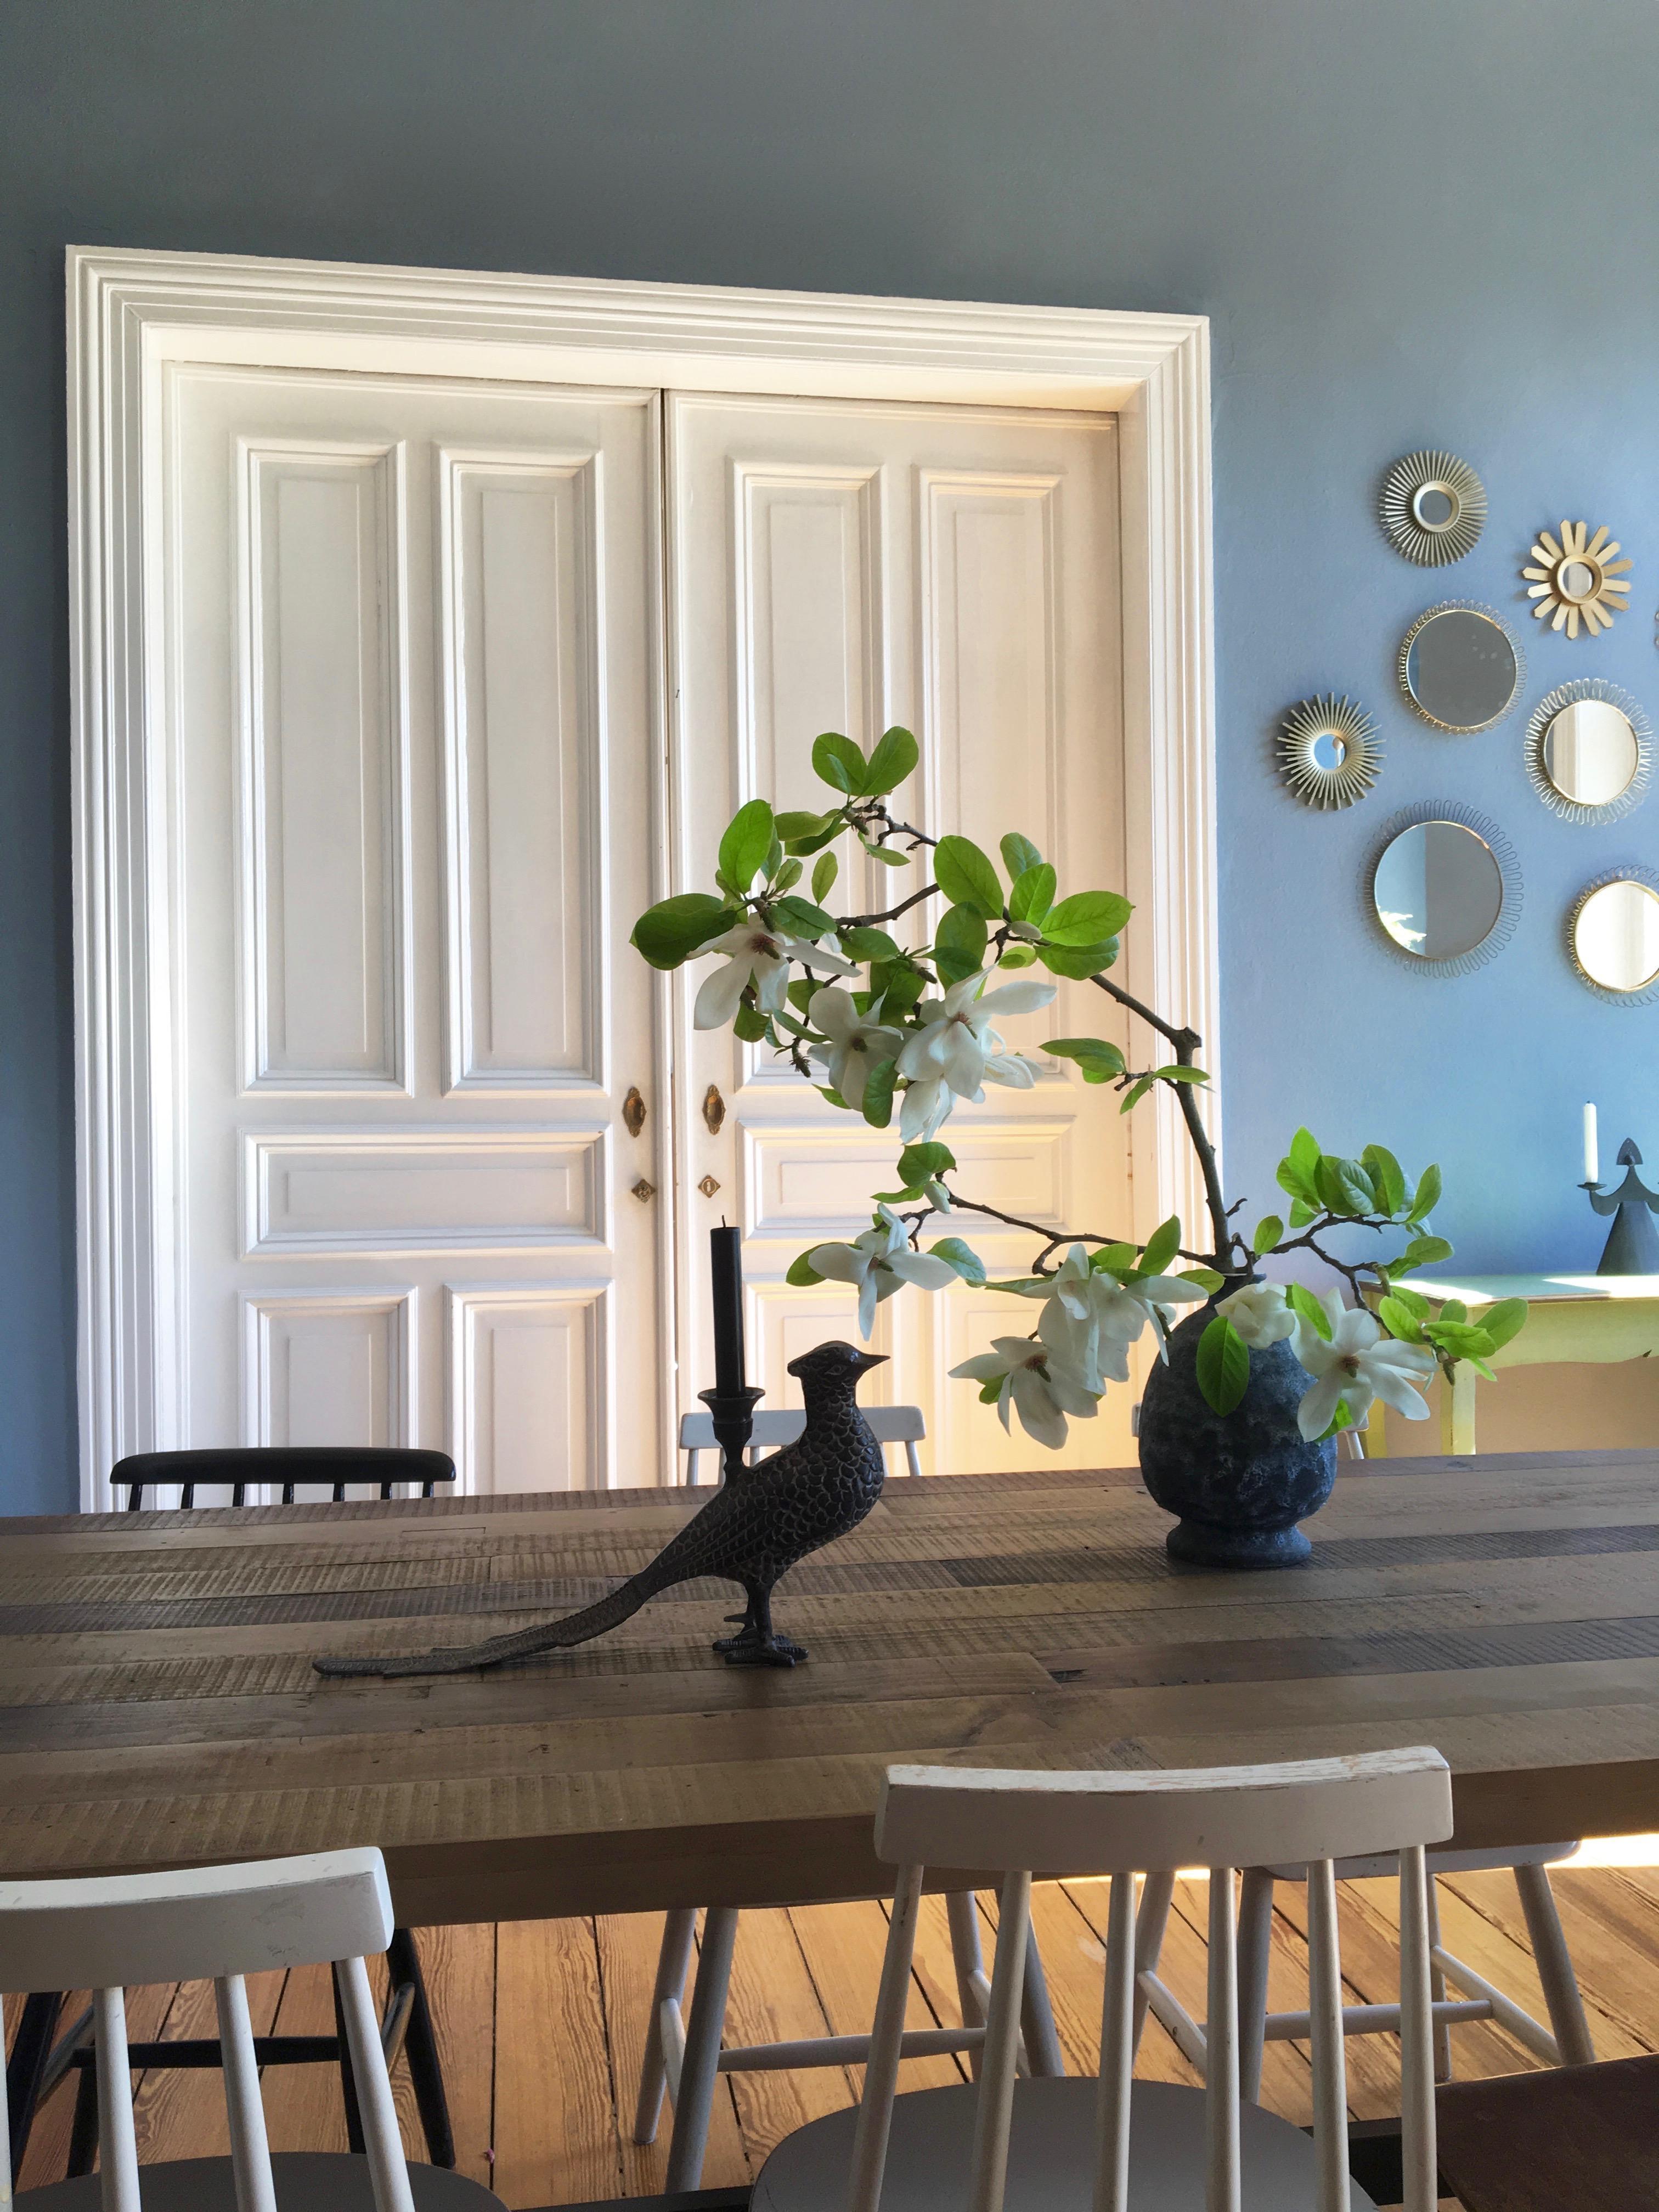 Pfauenliebe Altbau Dielenboden Midcentury Vintage Esszimmer Wohnzimmer  Ce86a22a 6bdd 4e11 A20c 1b1bf3c0833c